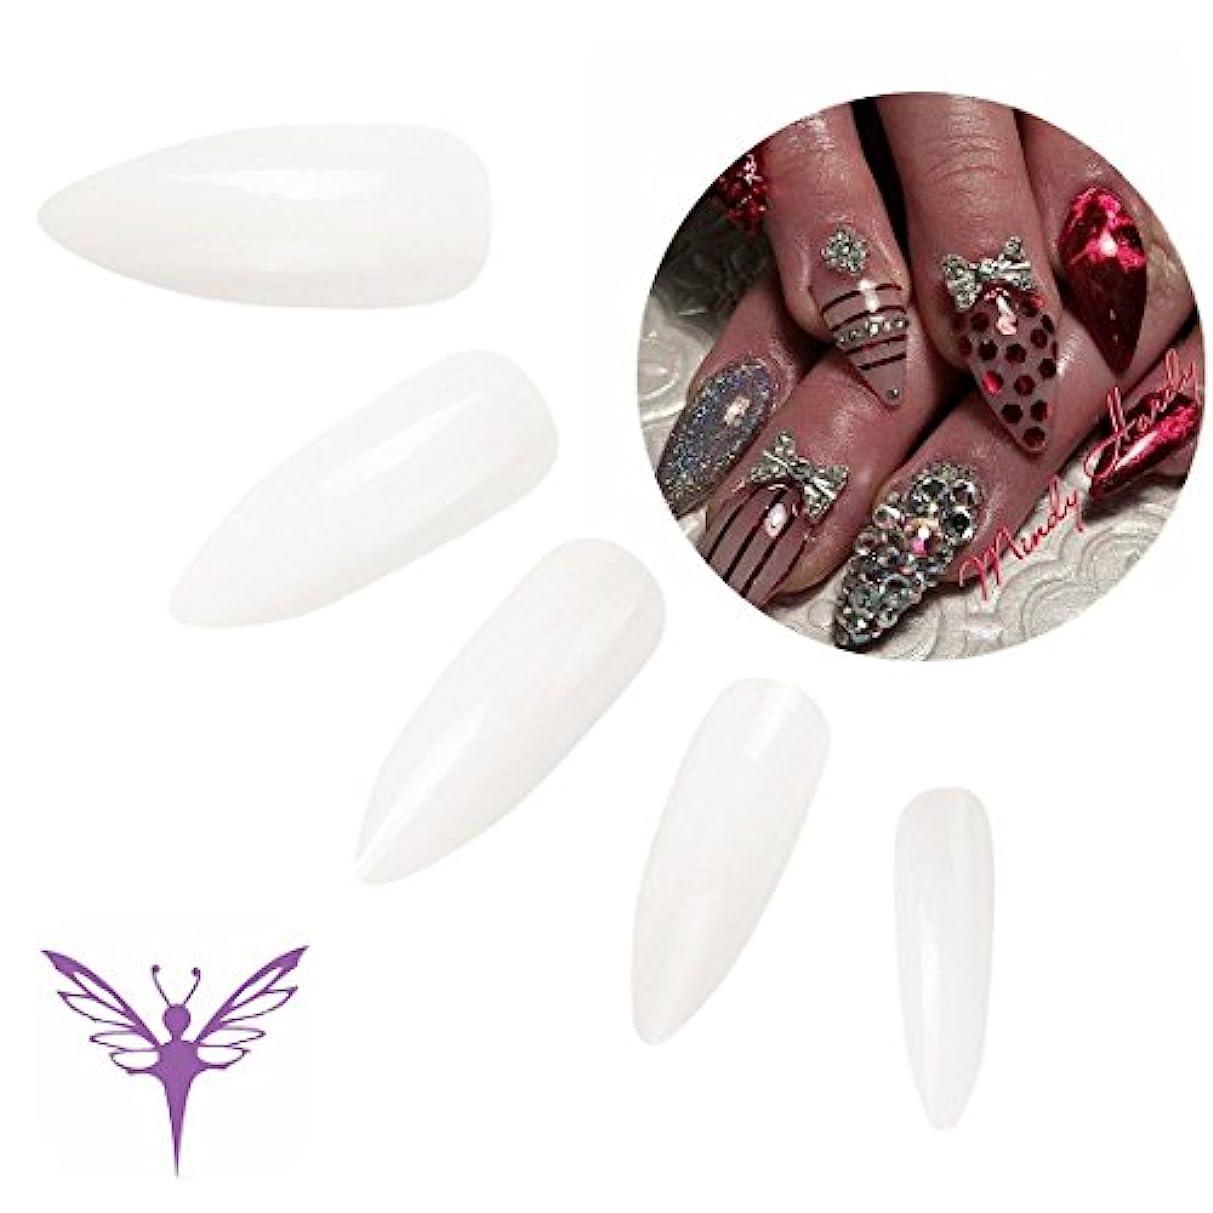 予防接種吹雪状態Ejiubas つけ爪 無地 ロング ネイルチップ クリア ネイルチップ ロング 500枚入れ 10サイズ 爪にピッタリ 付け爪 練習用 透明 シャープポイント型